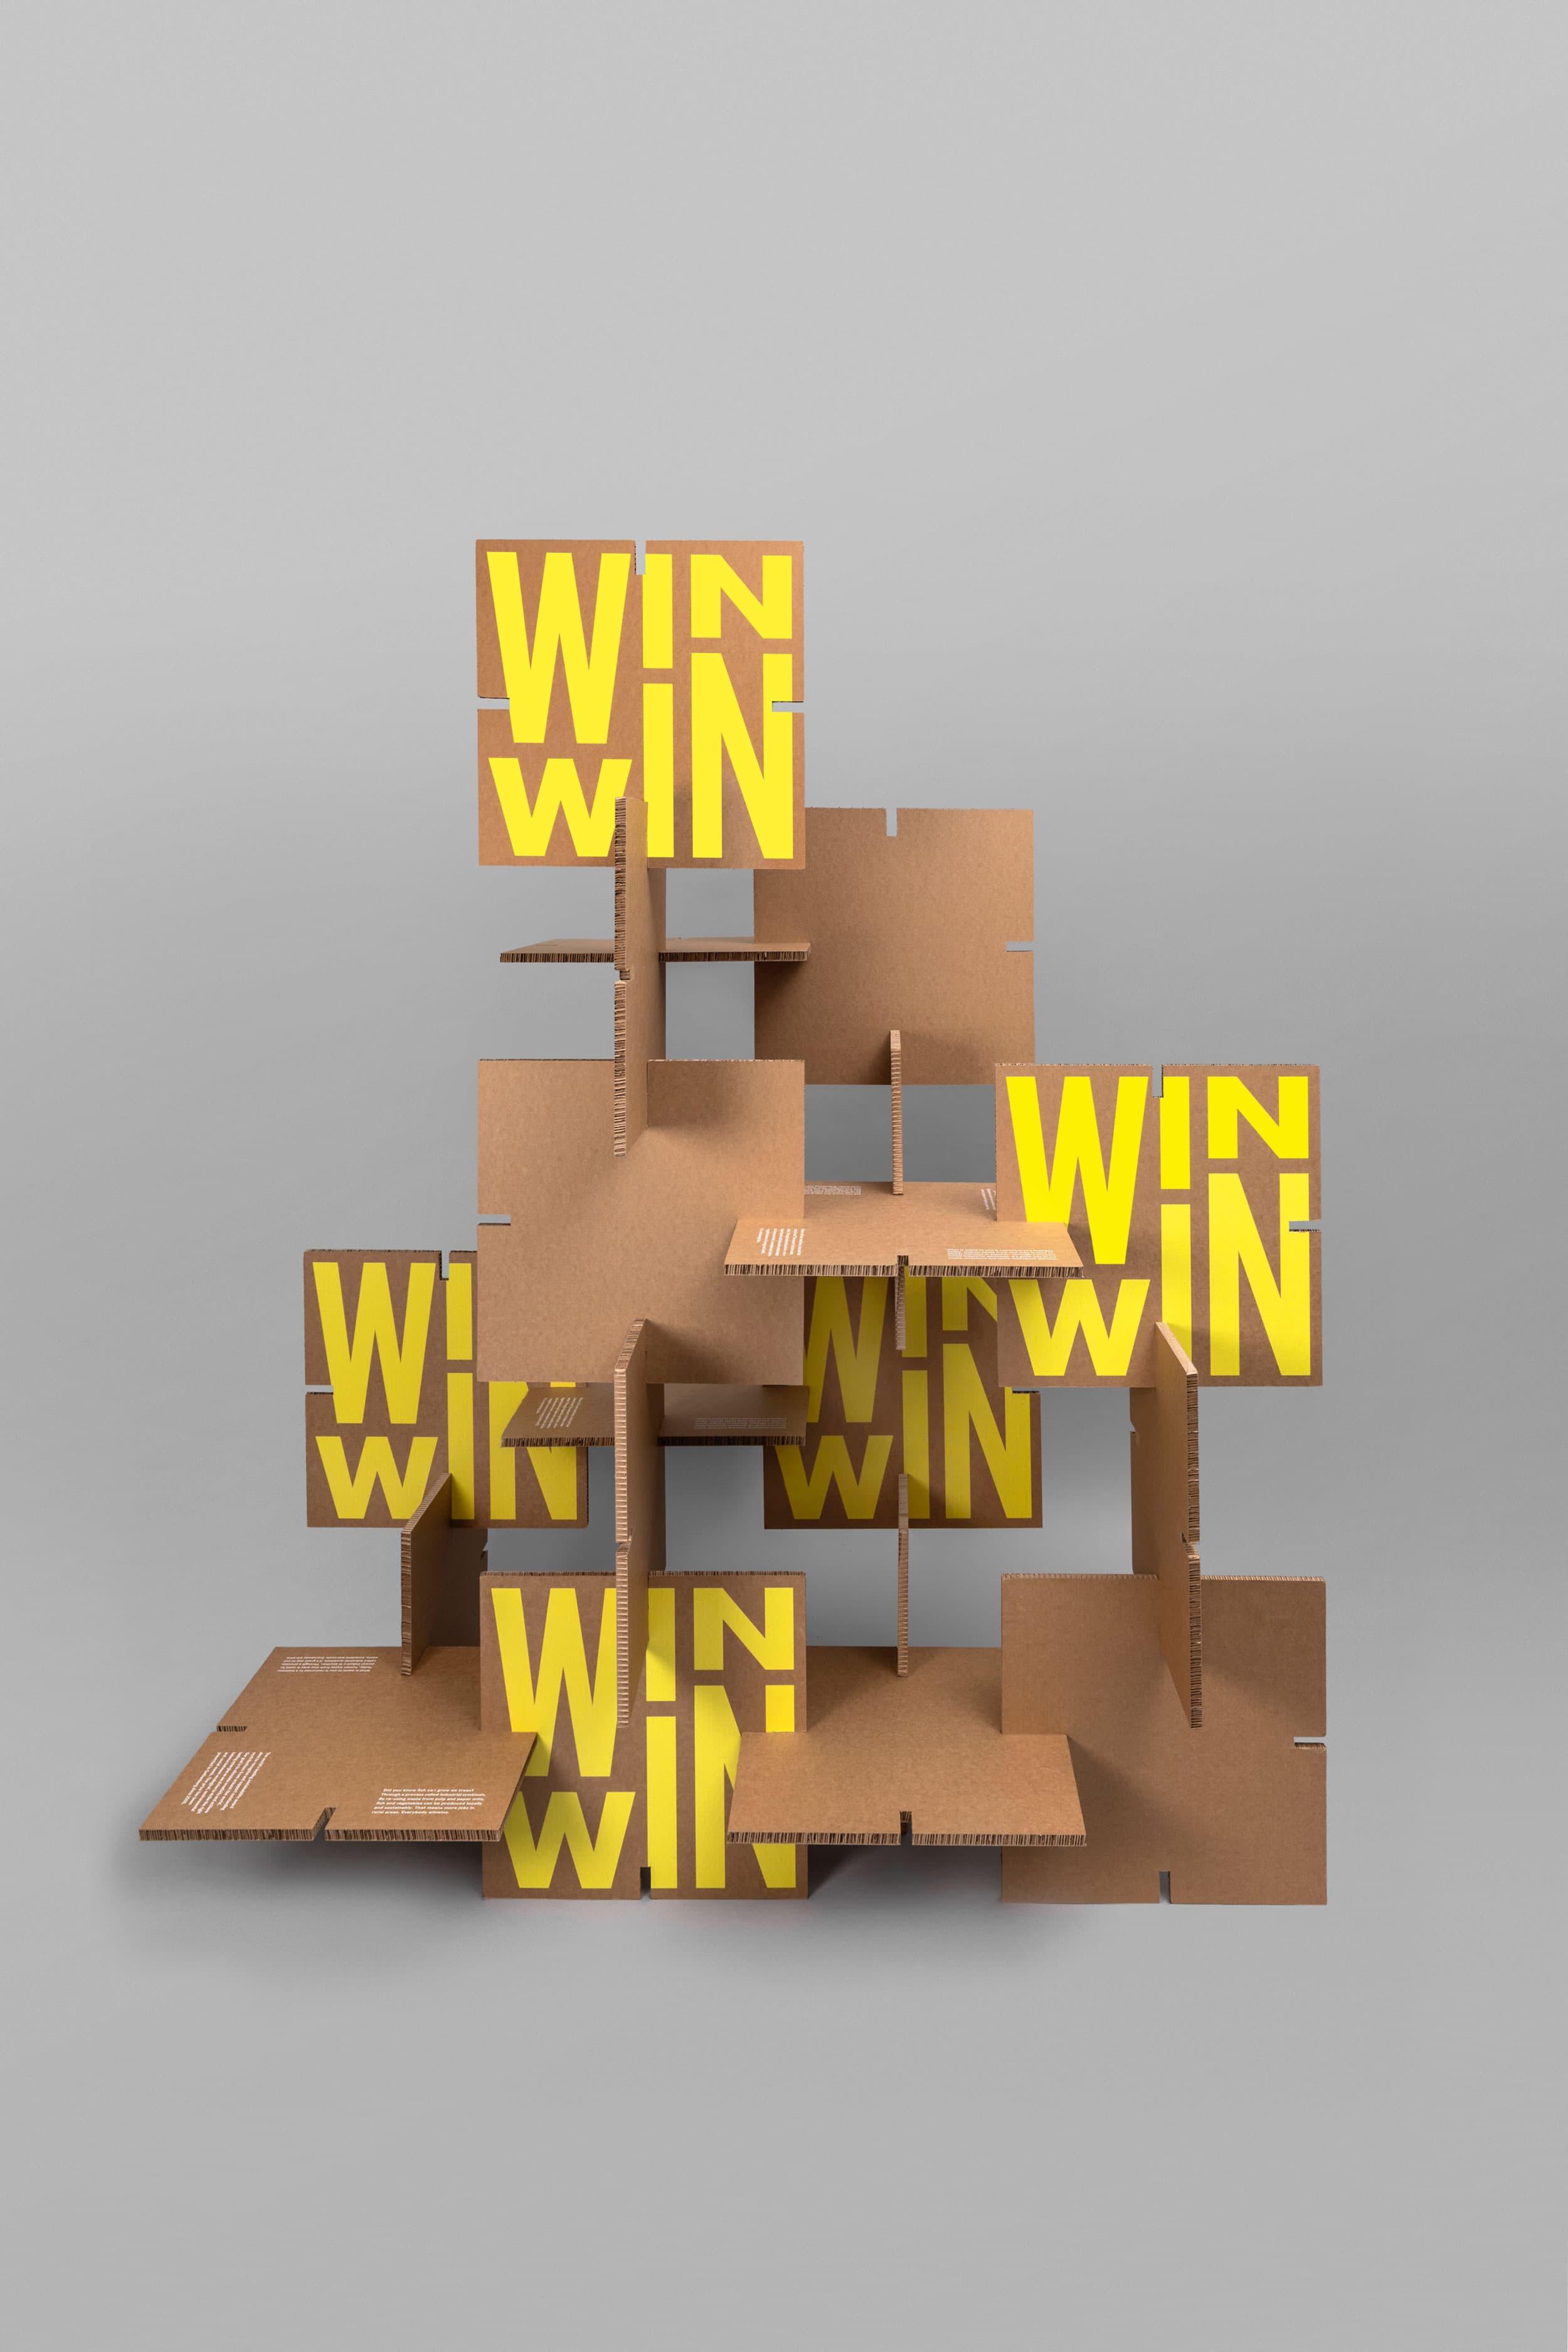 Happy F&B - WinWin - Gothenburg Sustainability Award